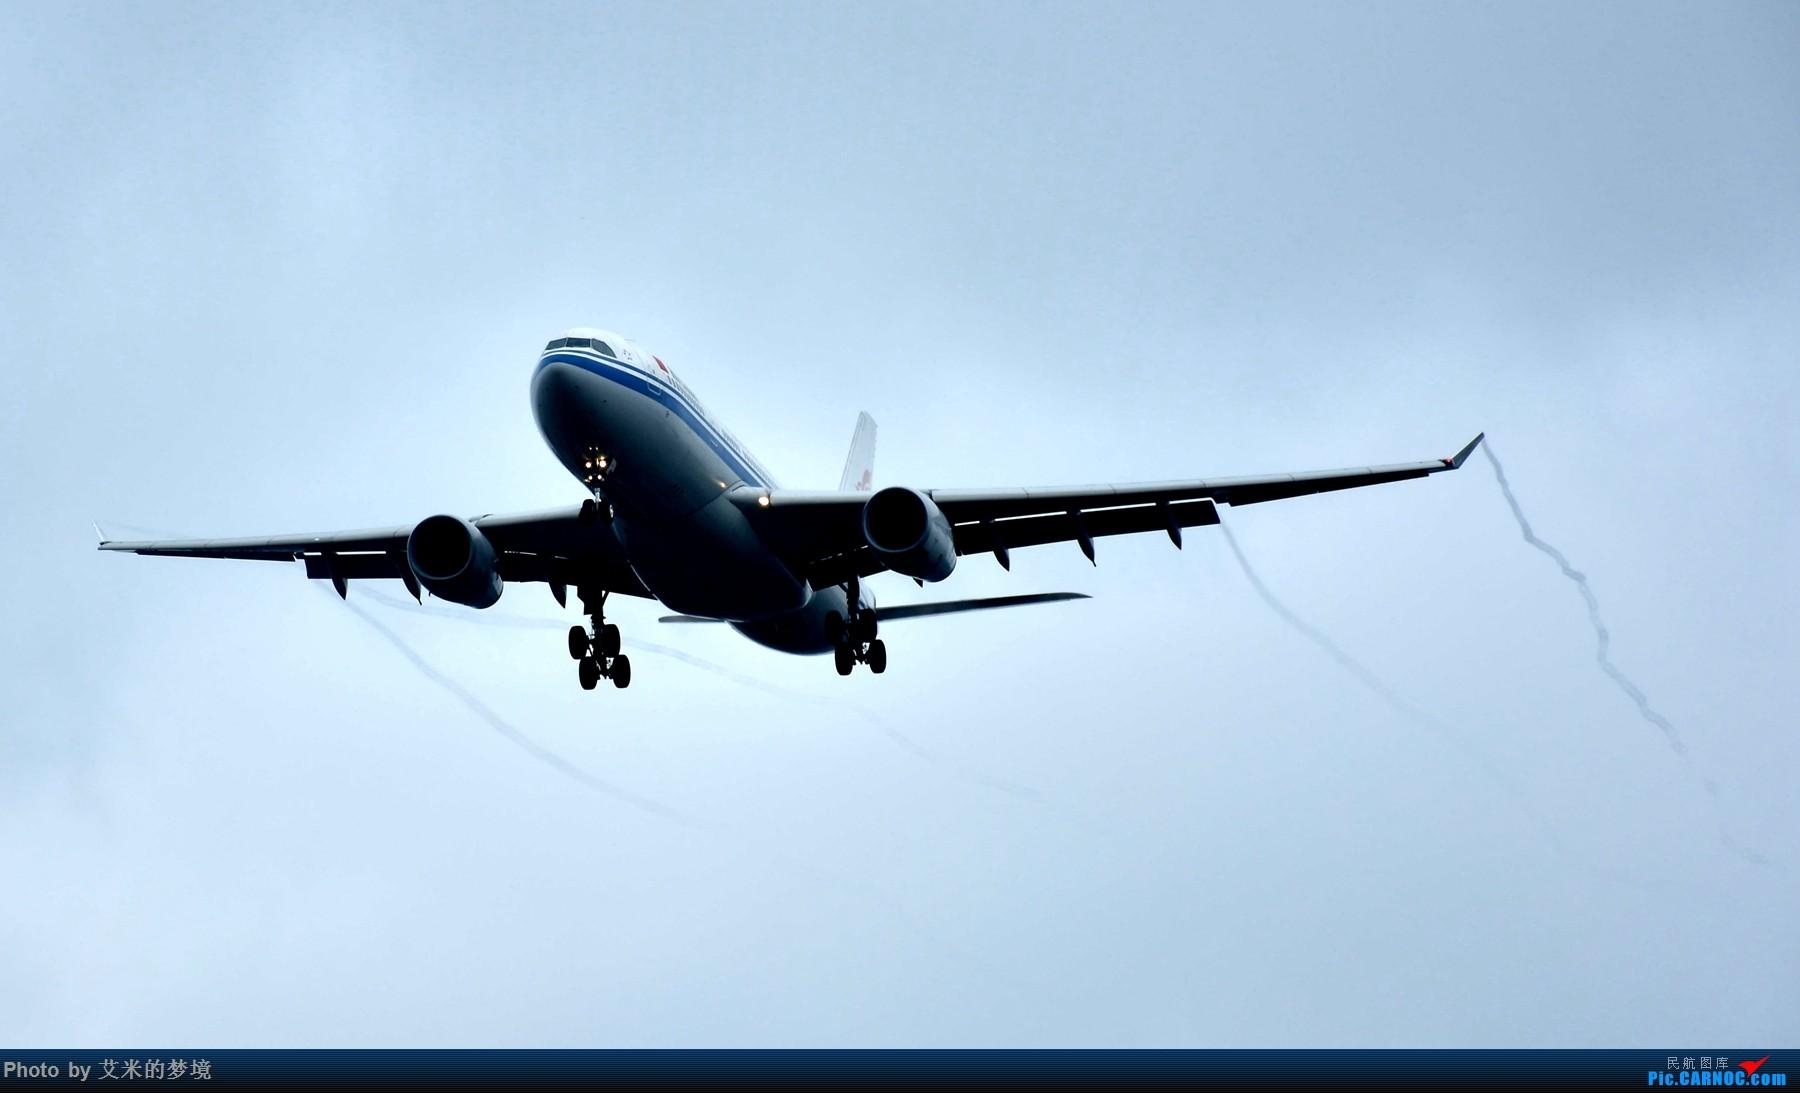 [原创]【carnoc重庆飞友会】7.14雨中奔袭。。又被放鸽子的首航日 AIRBUS A330-200 B-6080 中国重庆江北国际机场